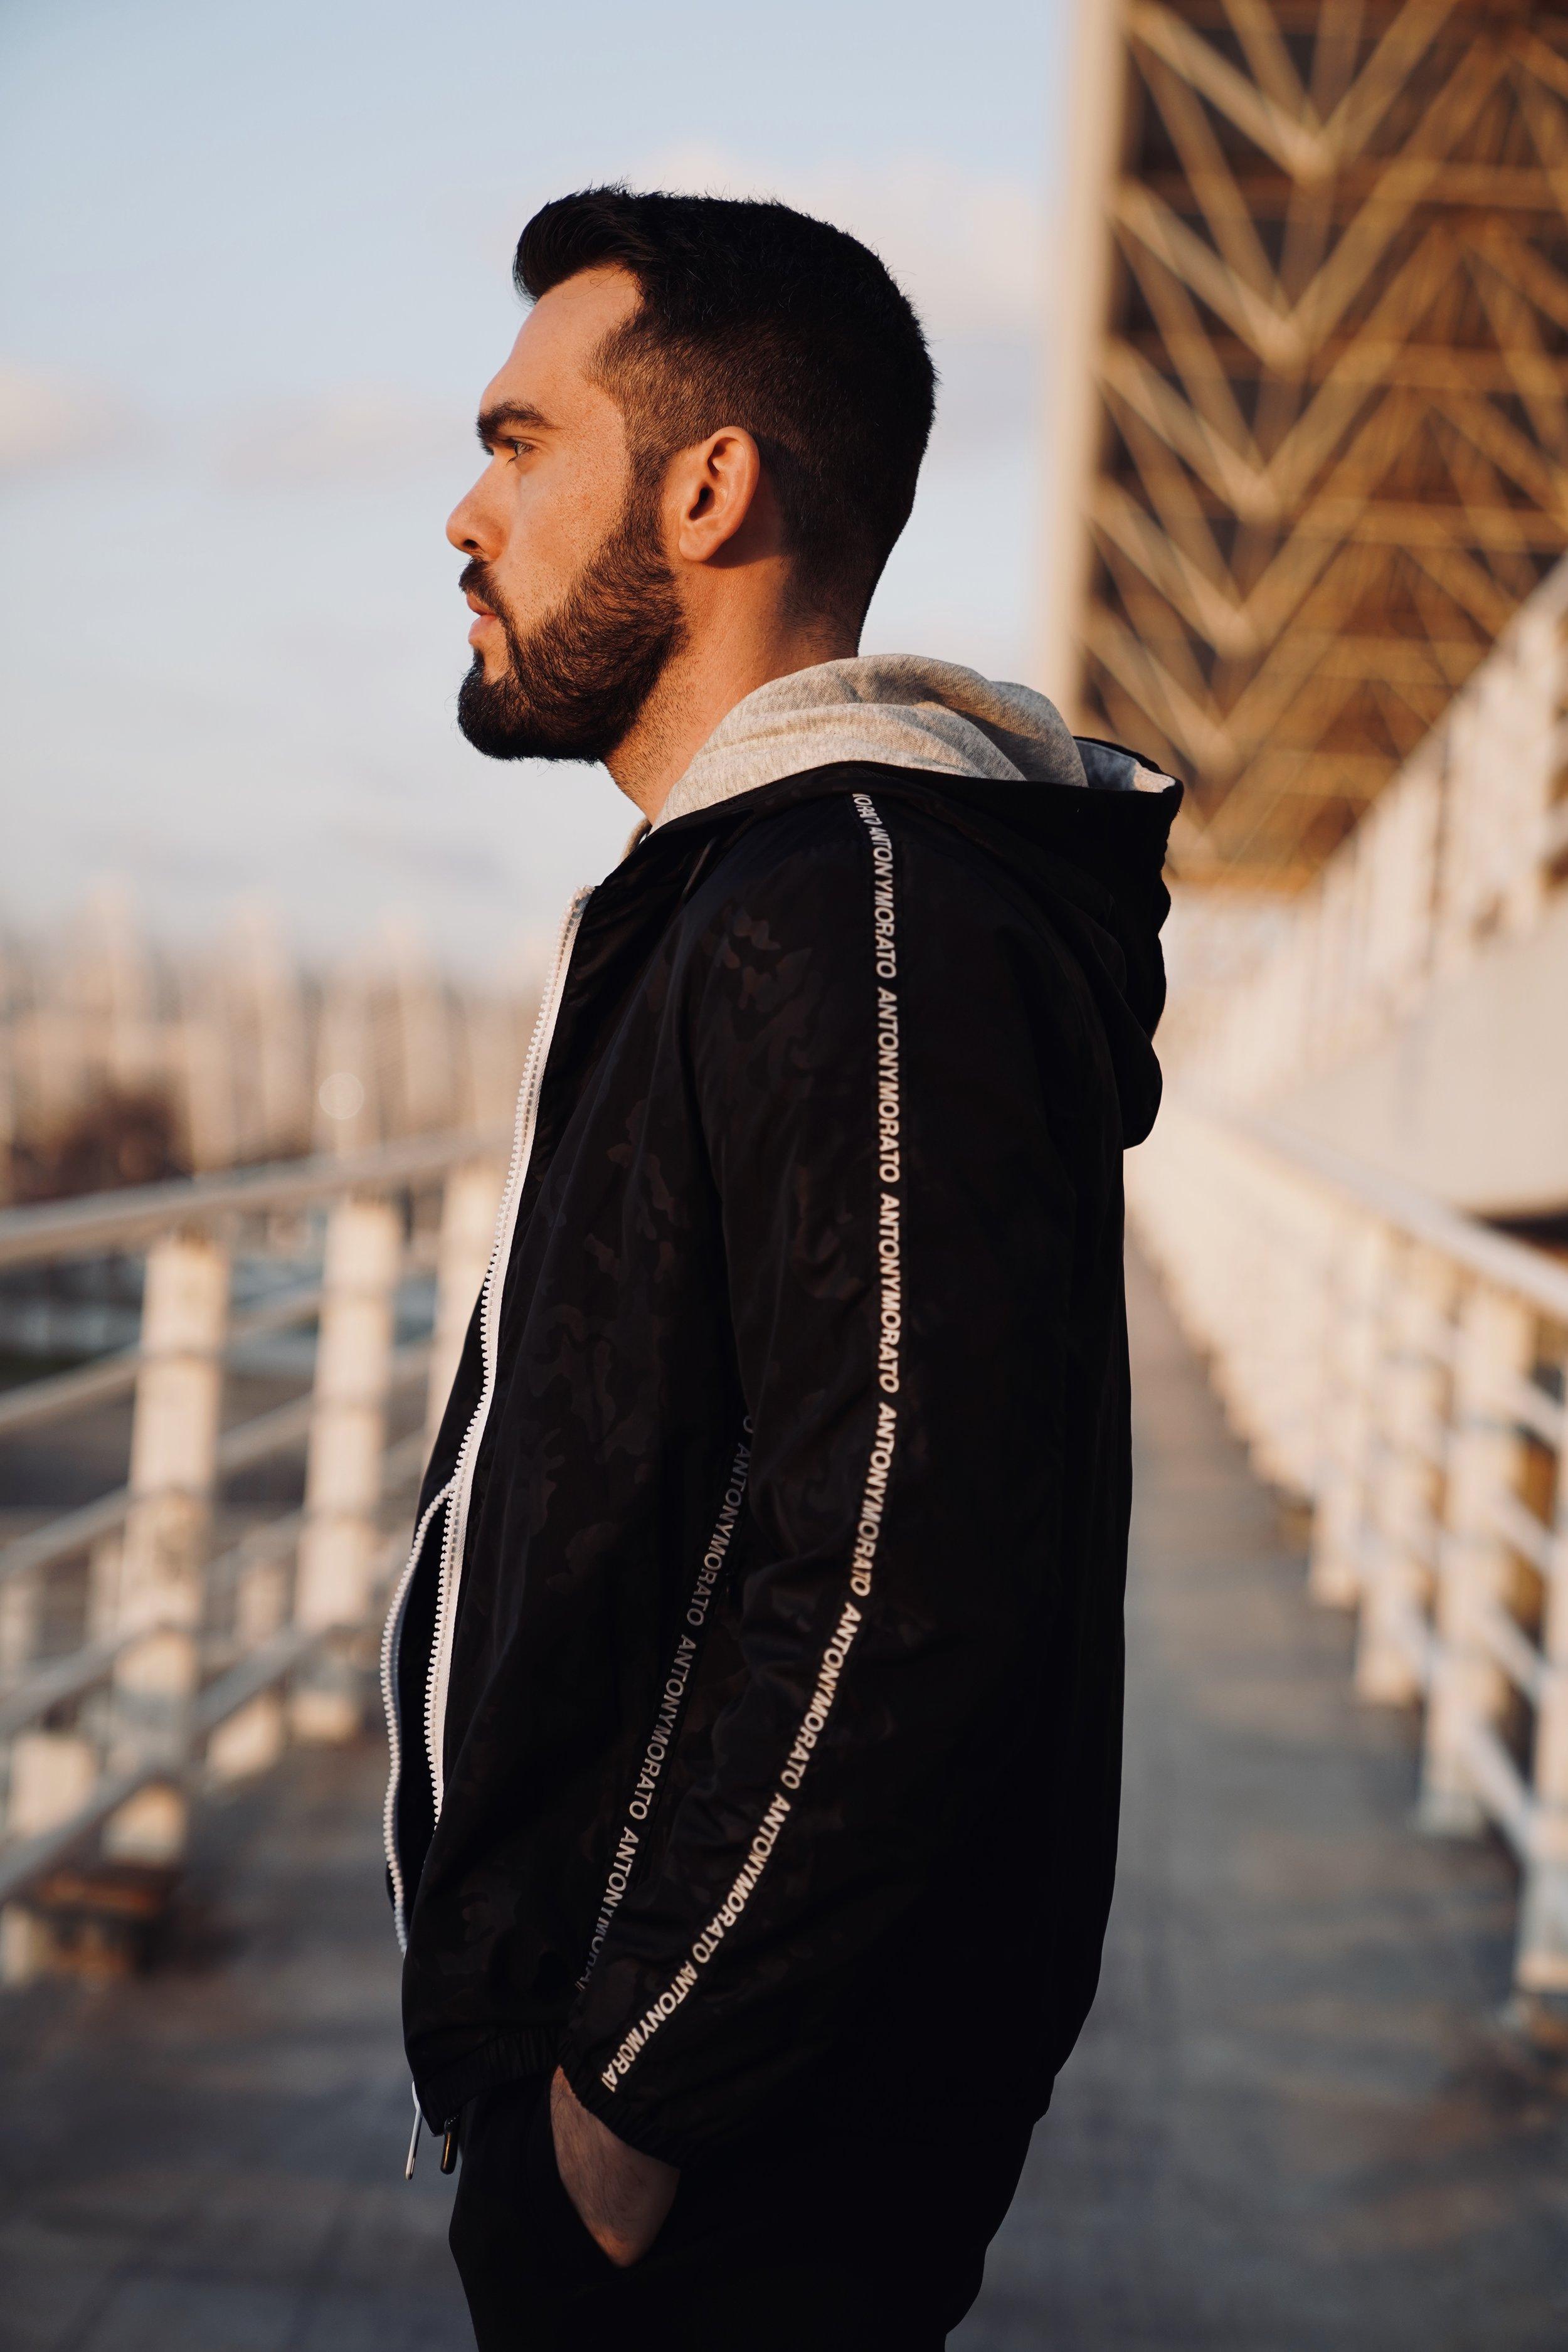 Jacket: Antony Morato